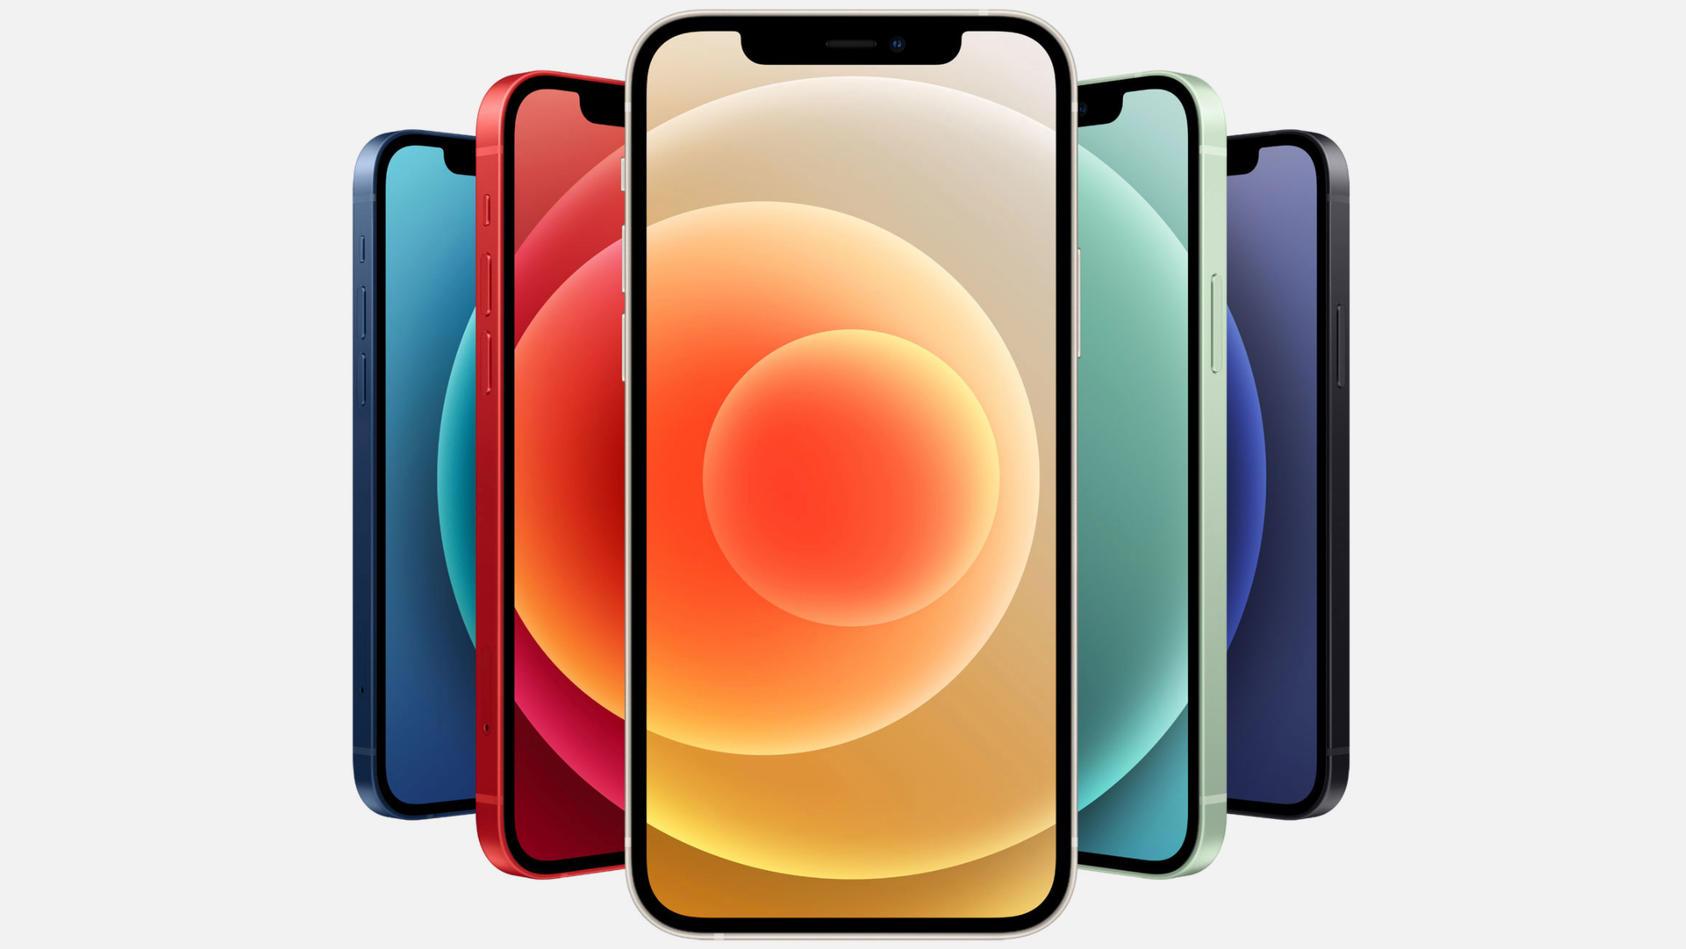 Detailverbesserungen statt Runderneuerung: das iPhone 12.